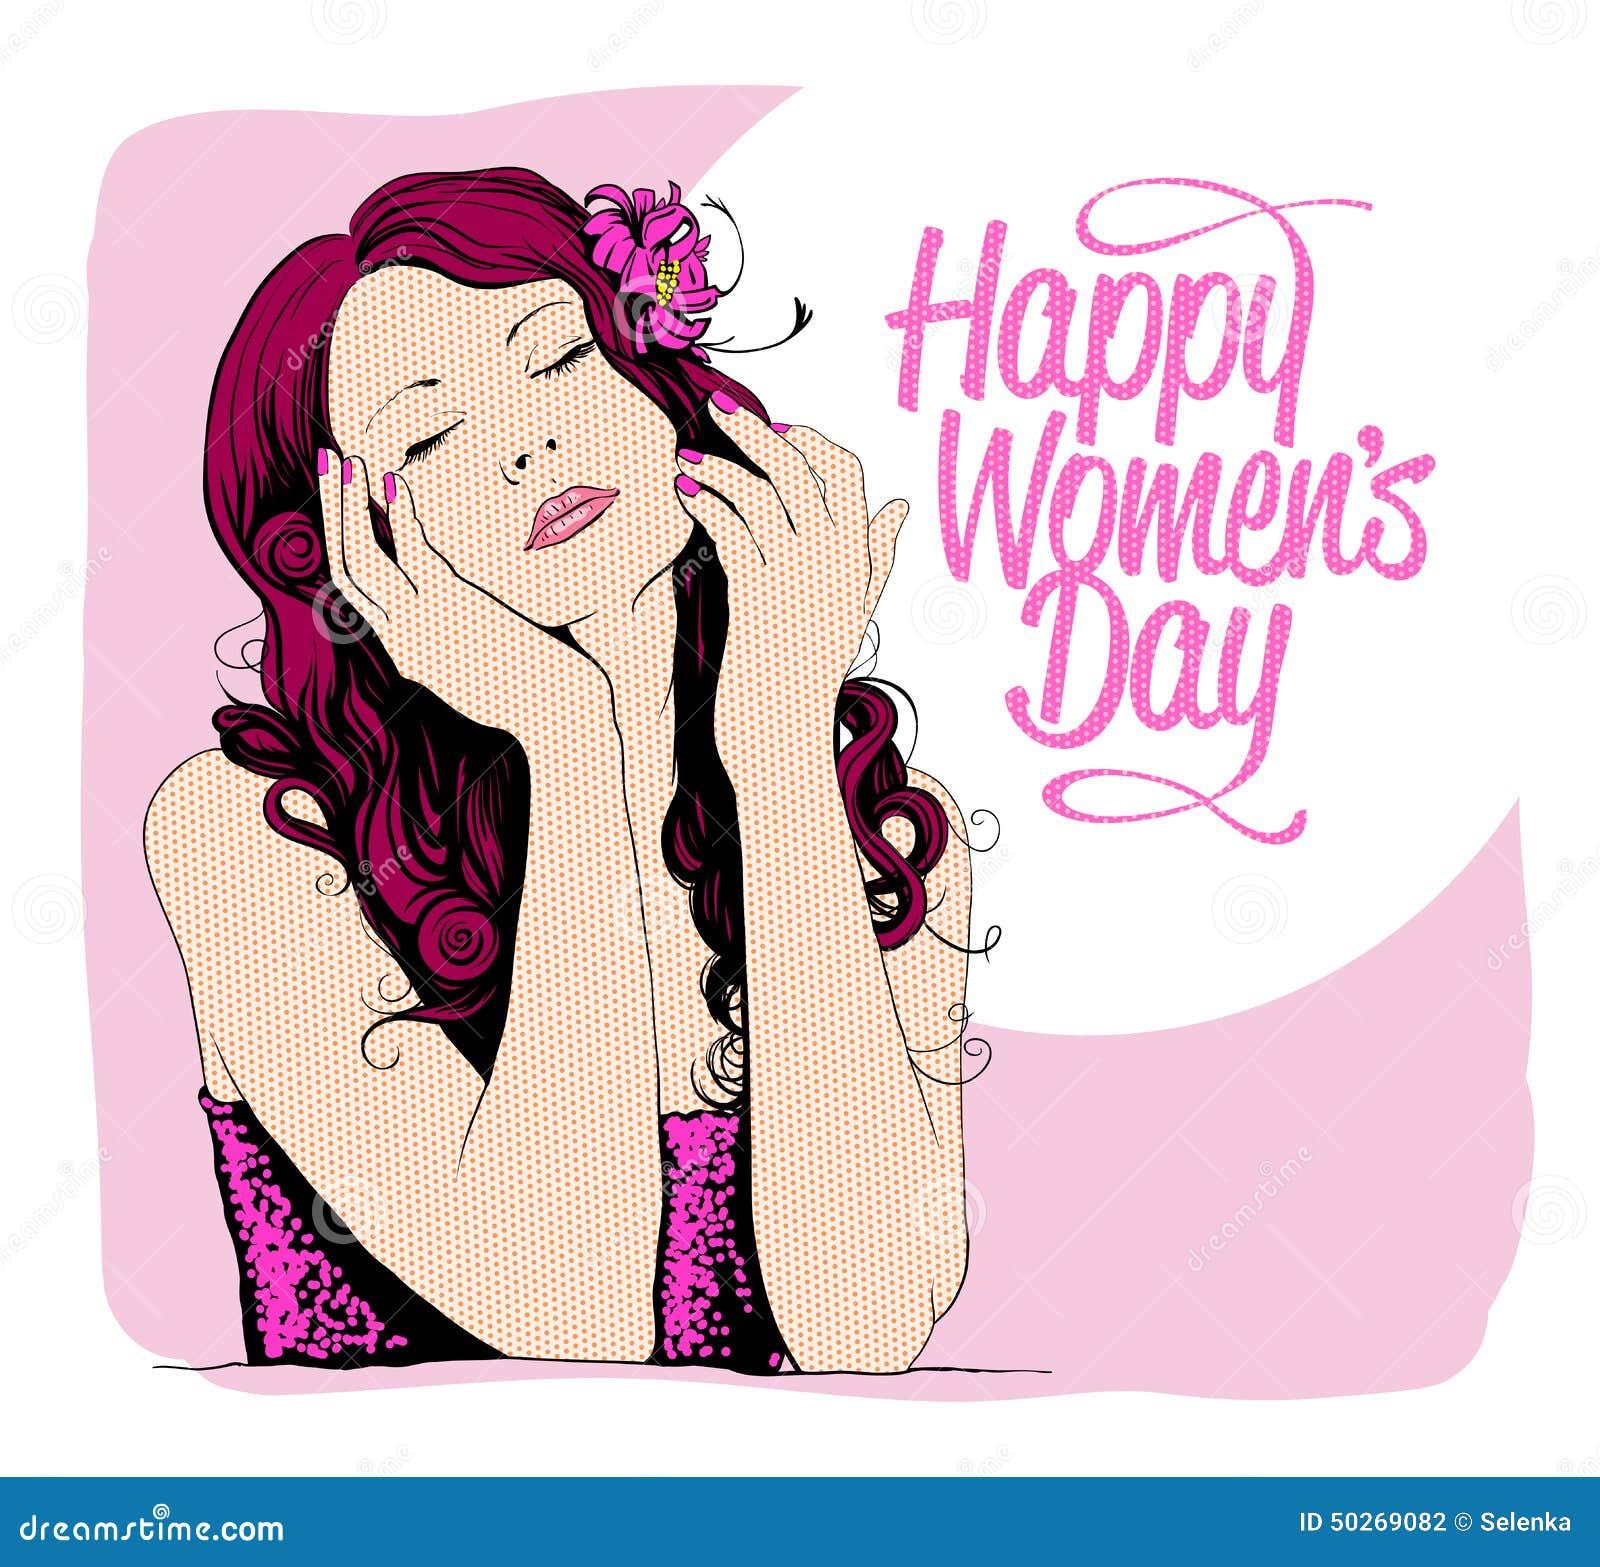 Карточка дня женщин 8-ое марта с графическим портретом женщины